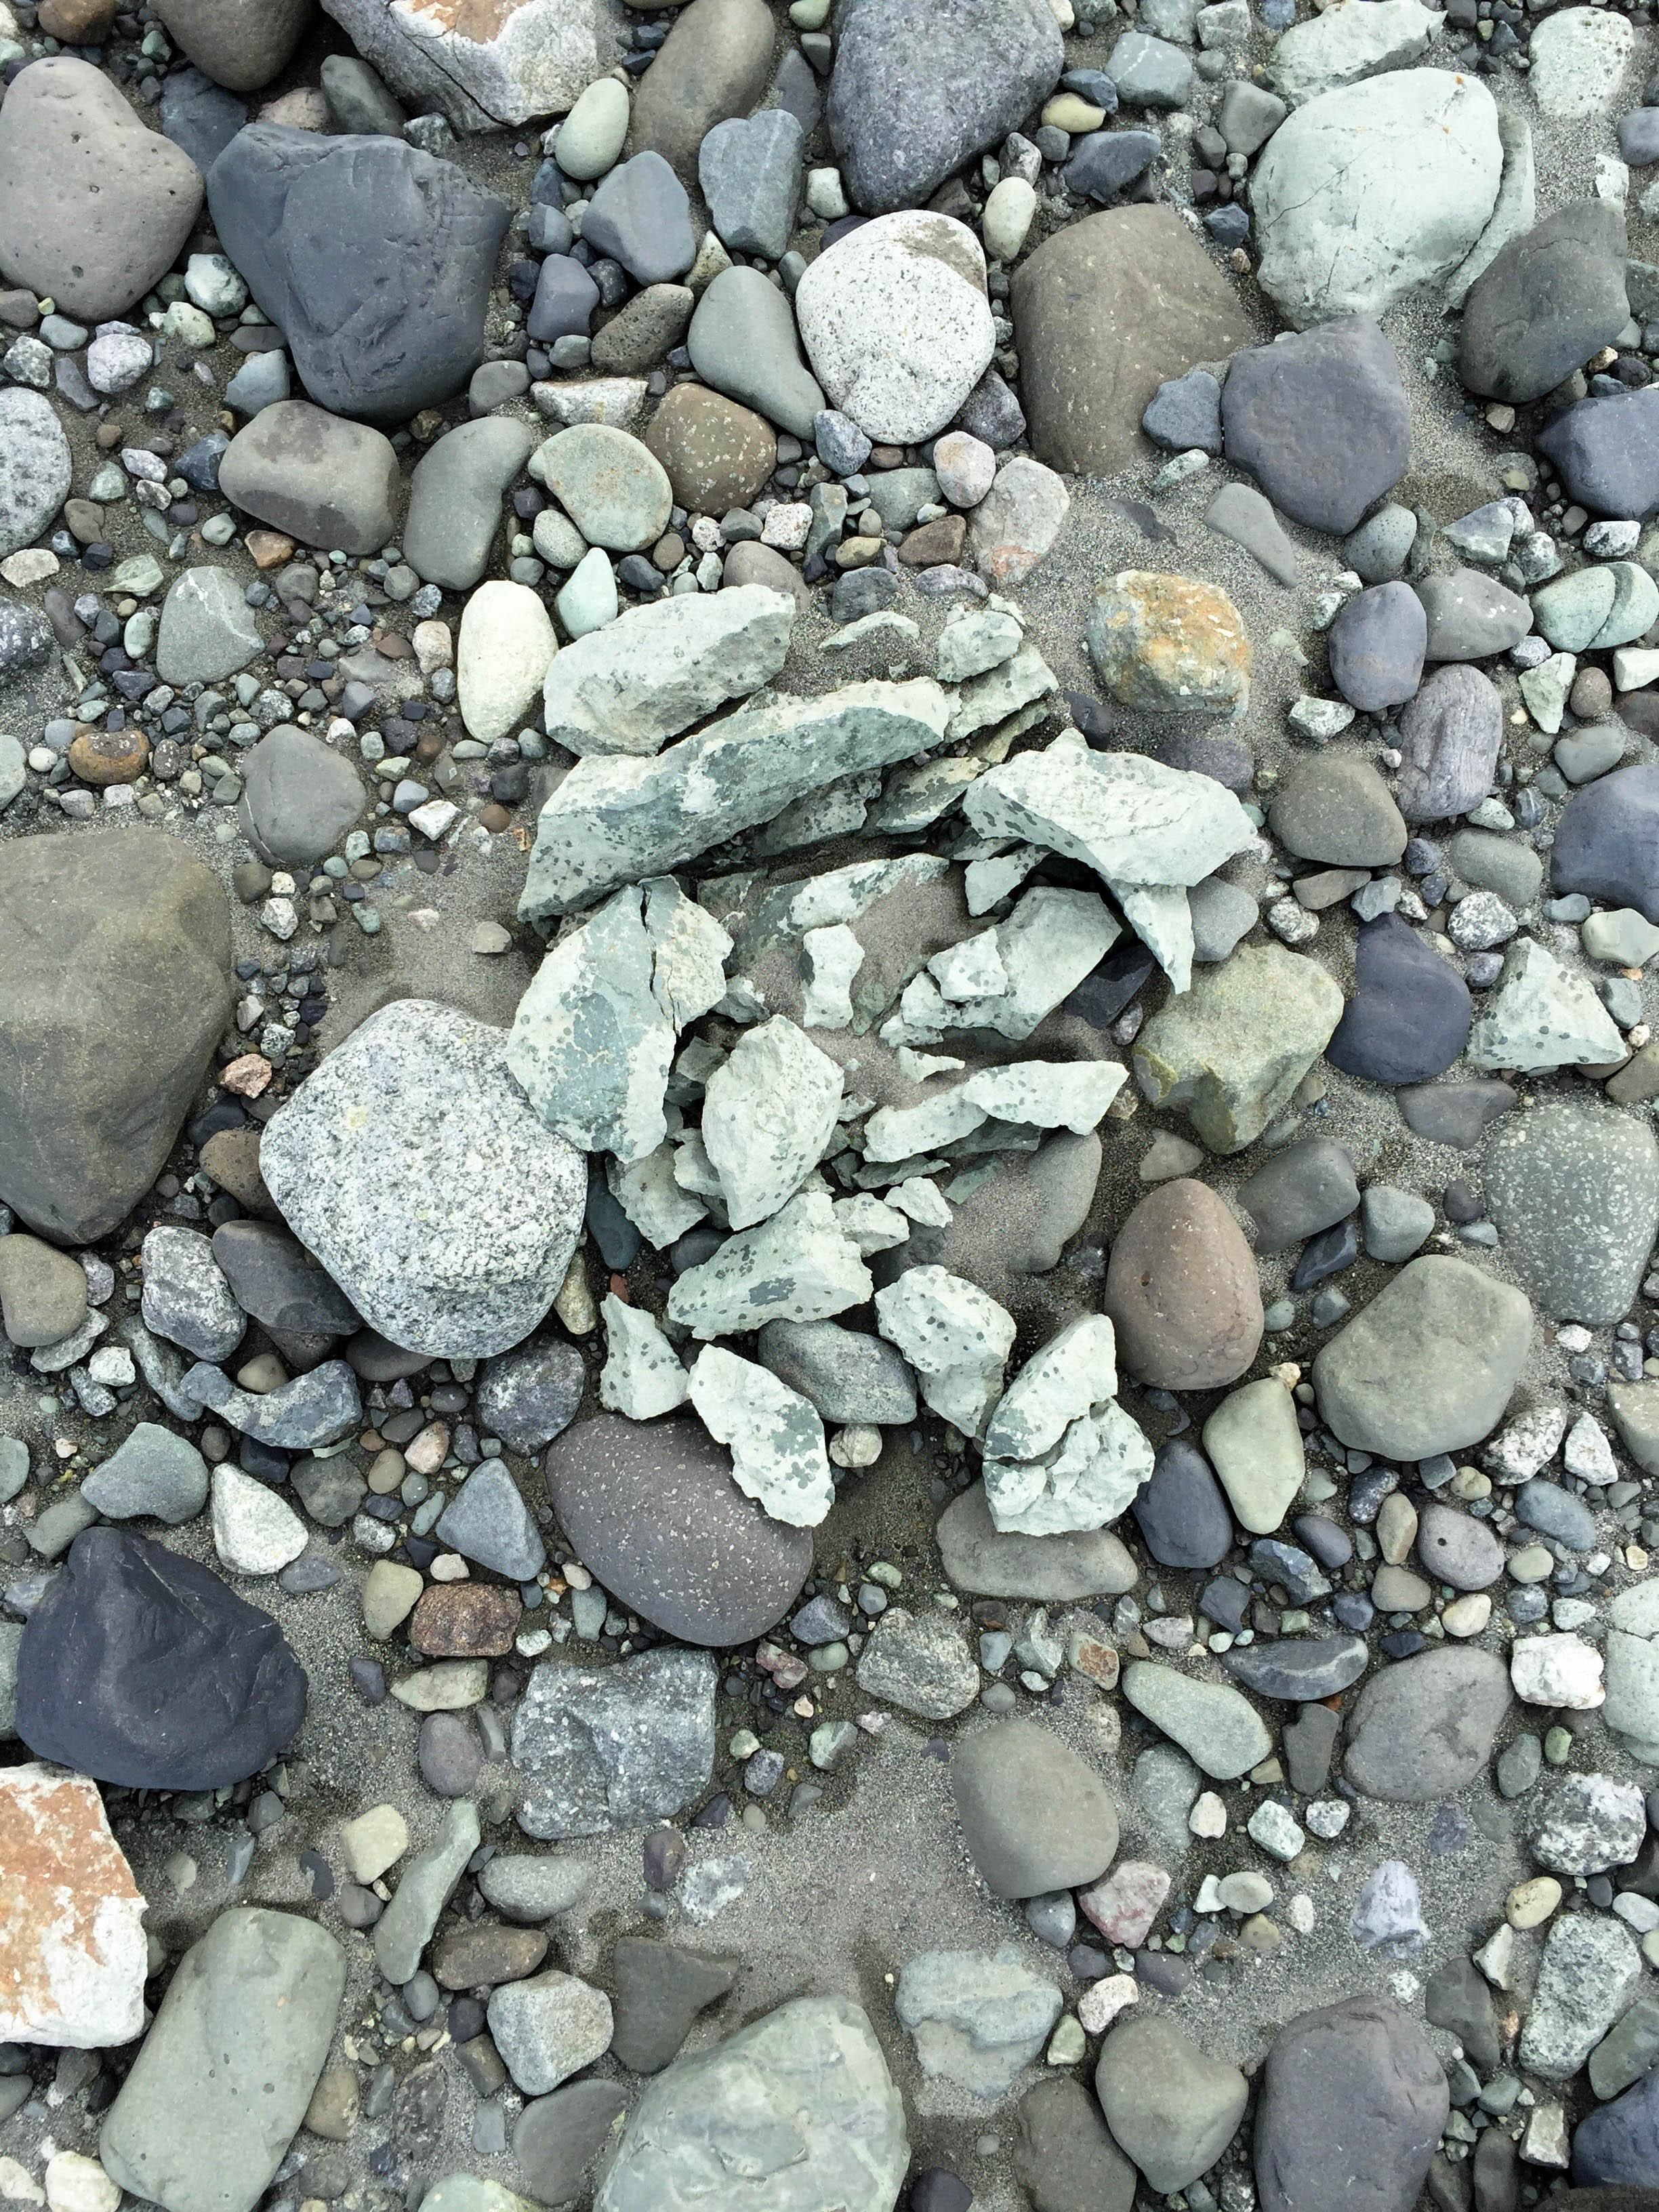 glacier_rock-23.jpg